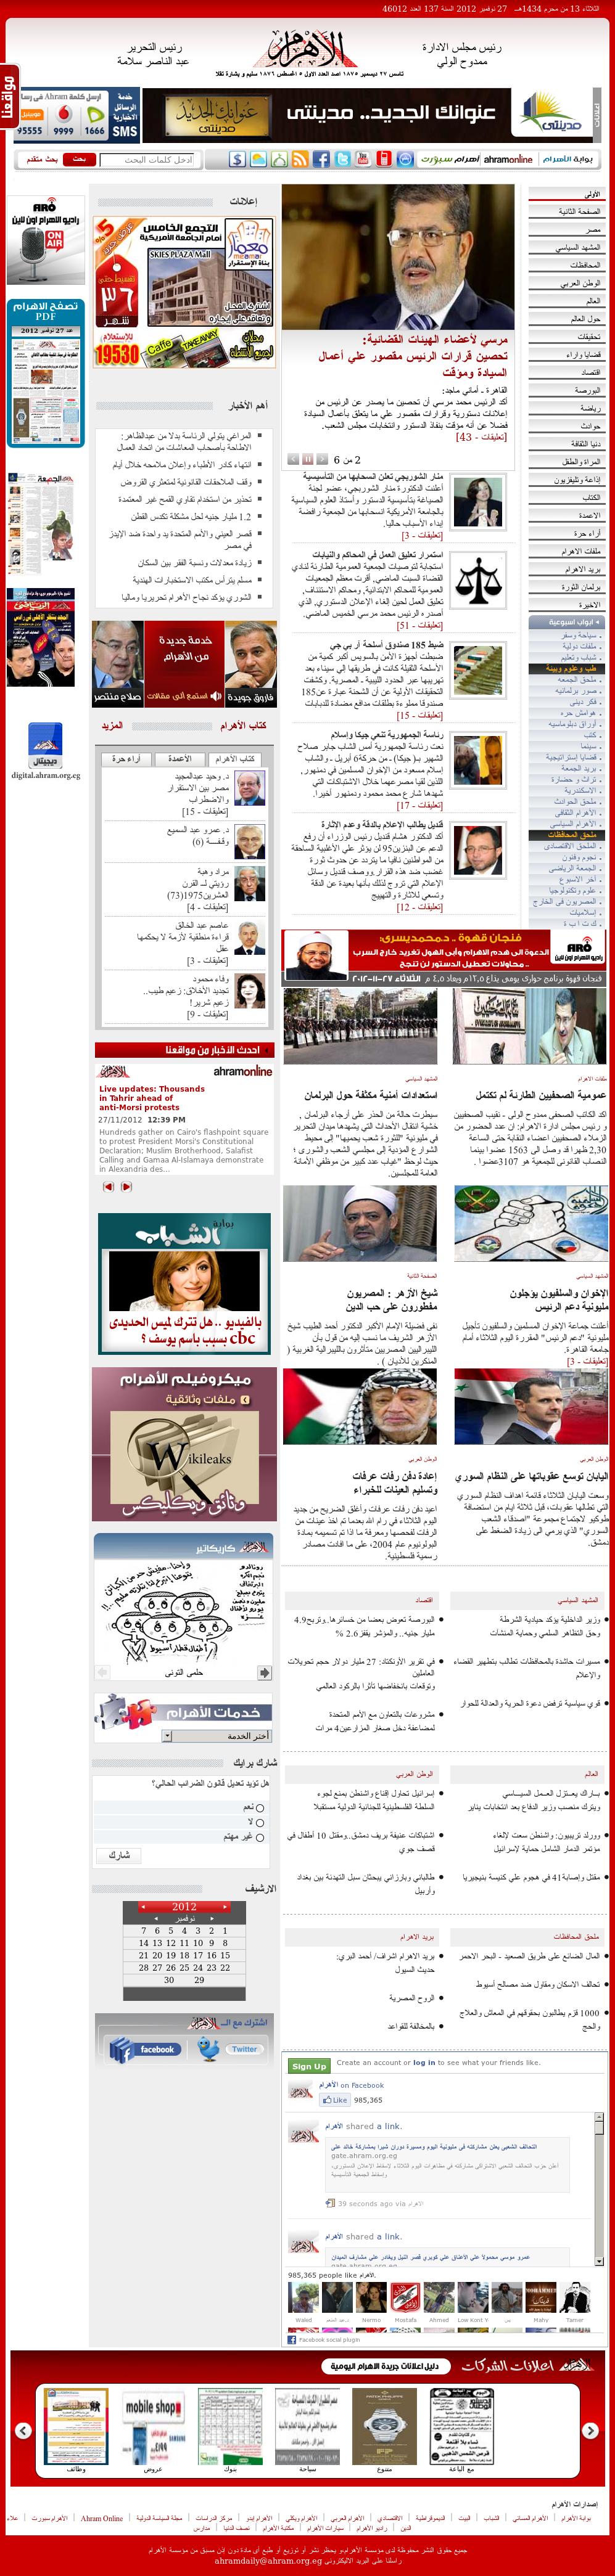 Al-Ahram at Tuesday Nov. 27, 2012, 3 p.m. UTC